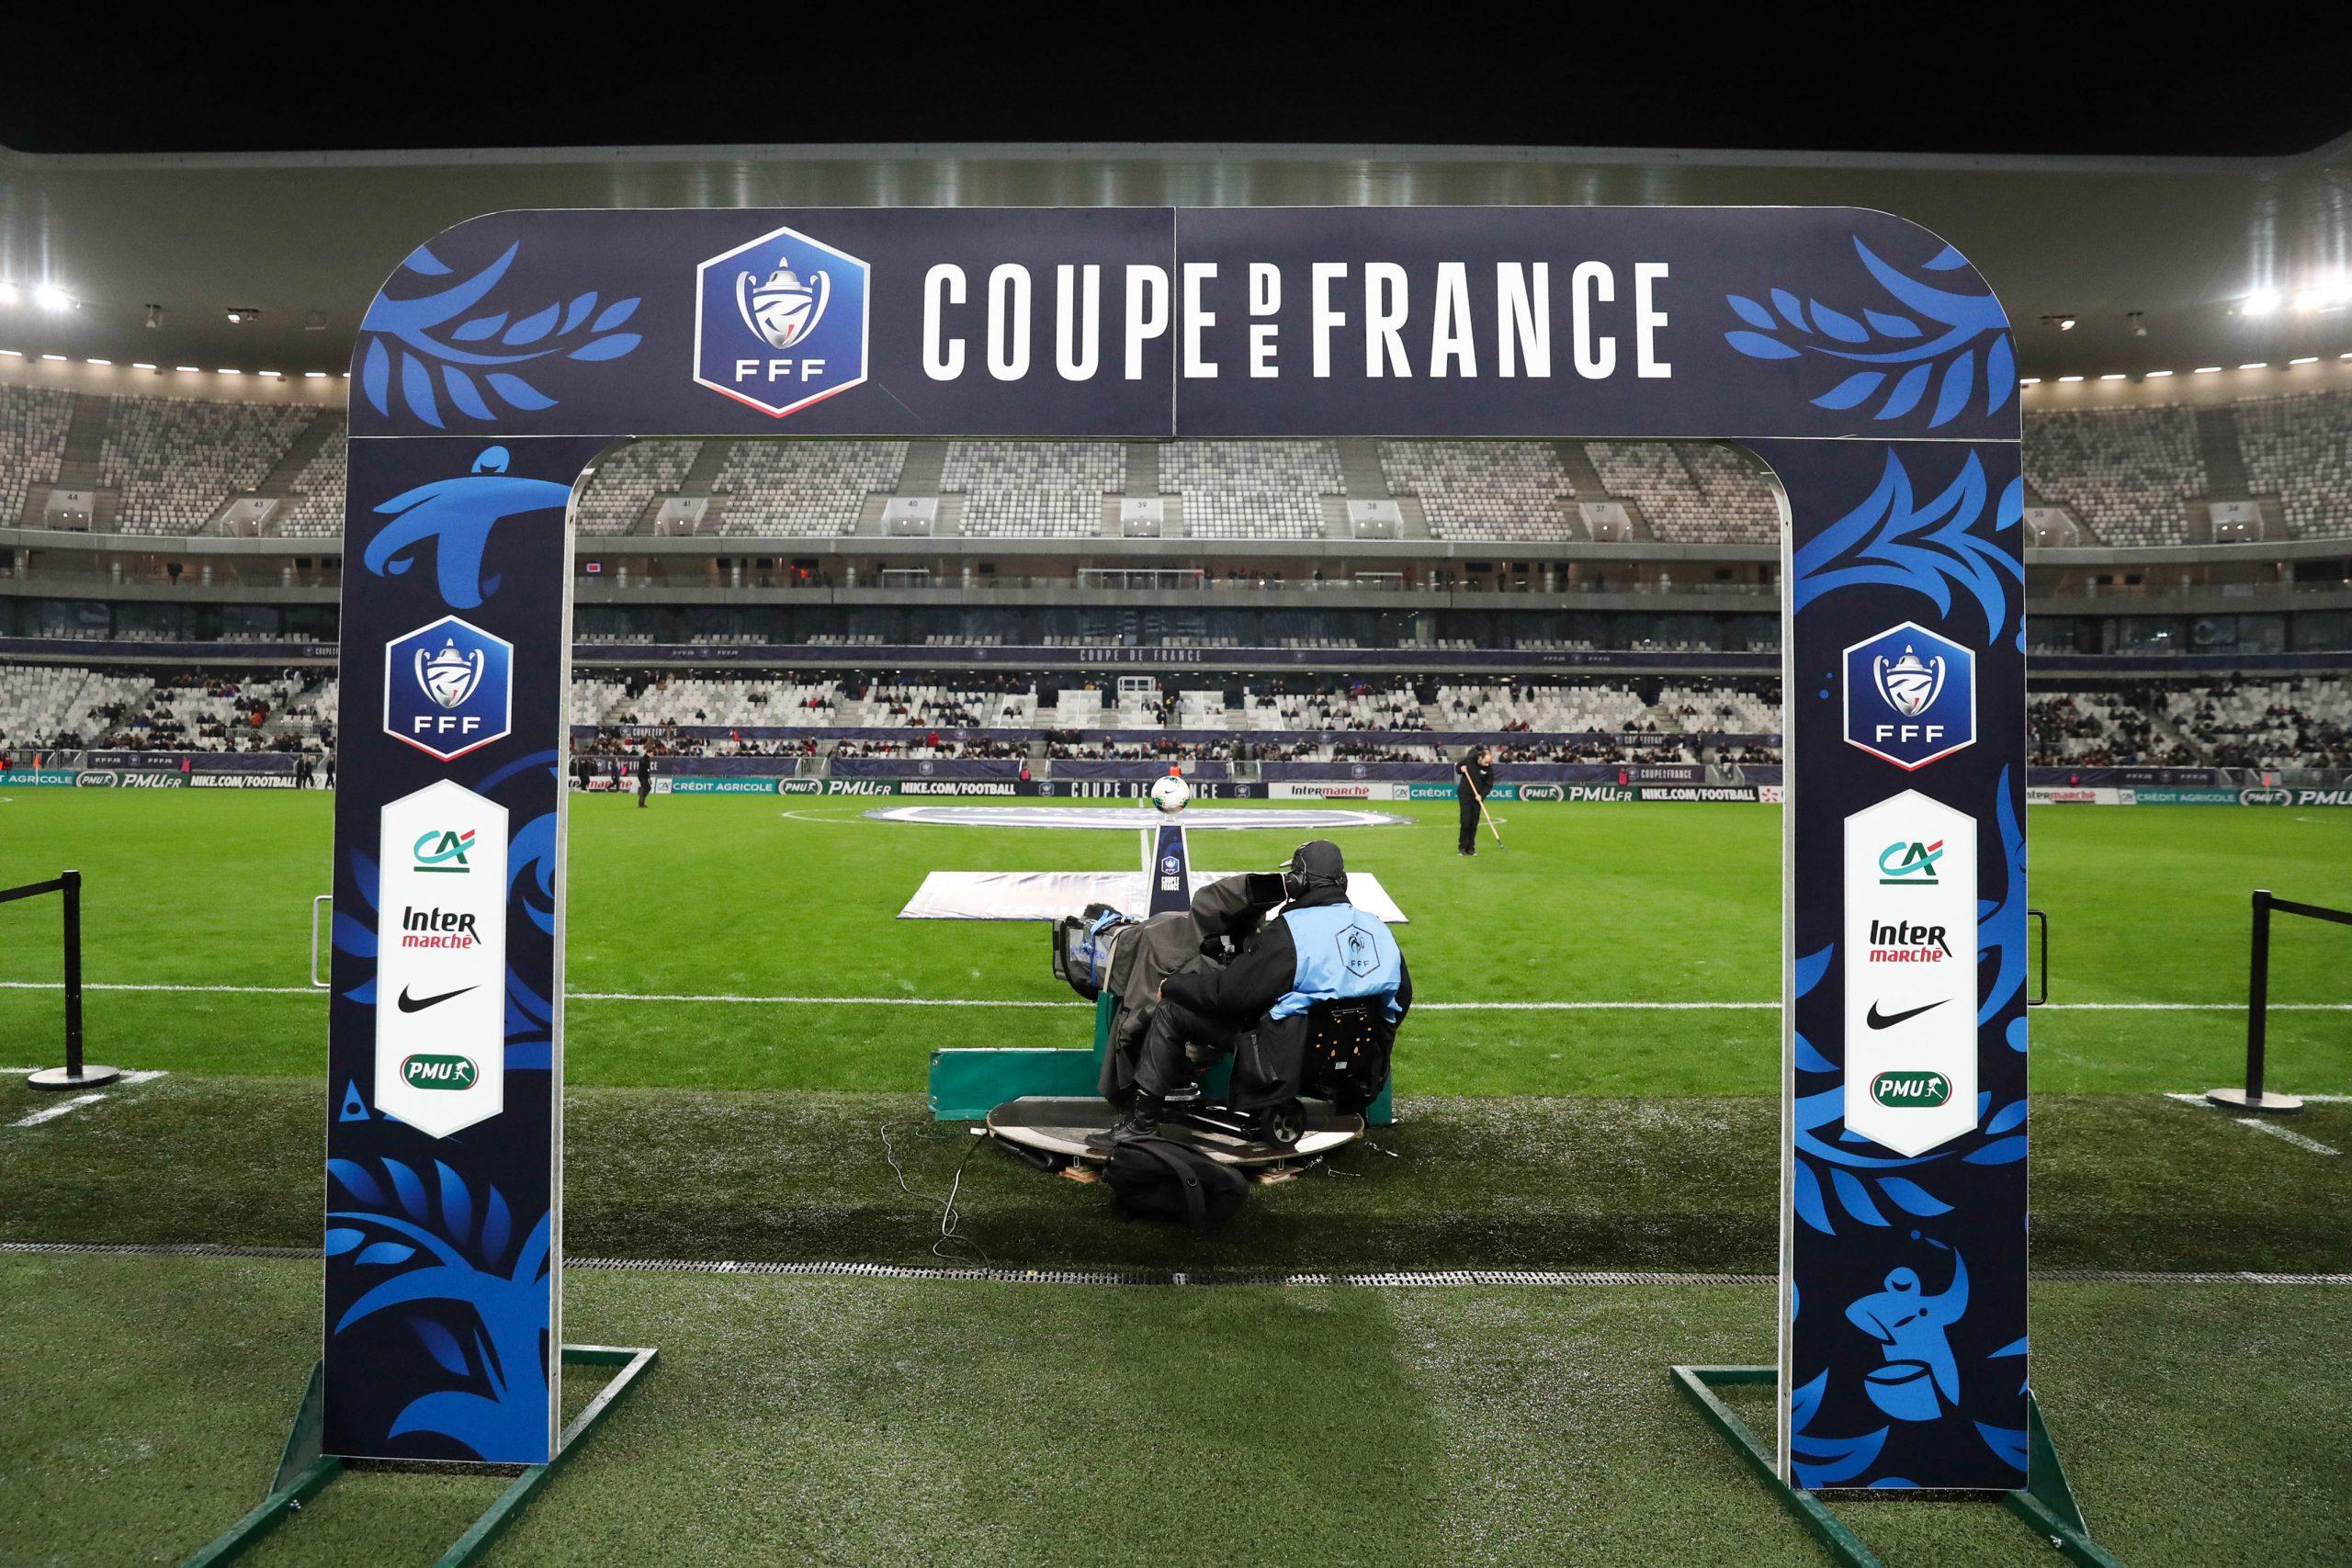 Tirage des 32es de finale de la Coupe de France - Chaîne et horaire de diffusion